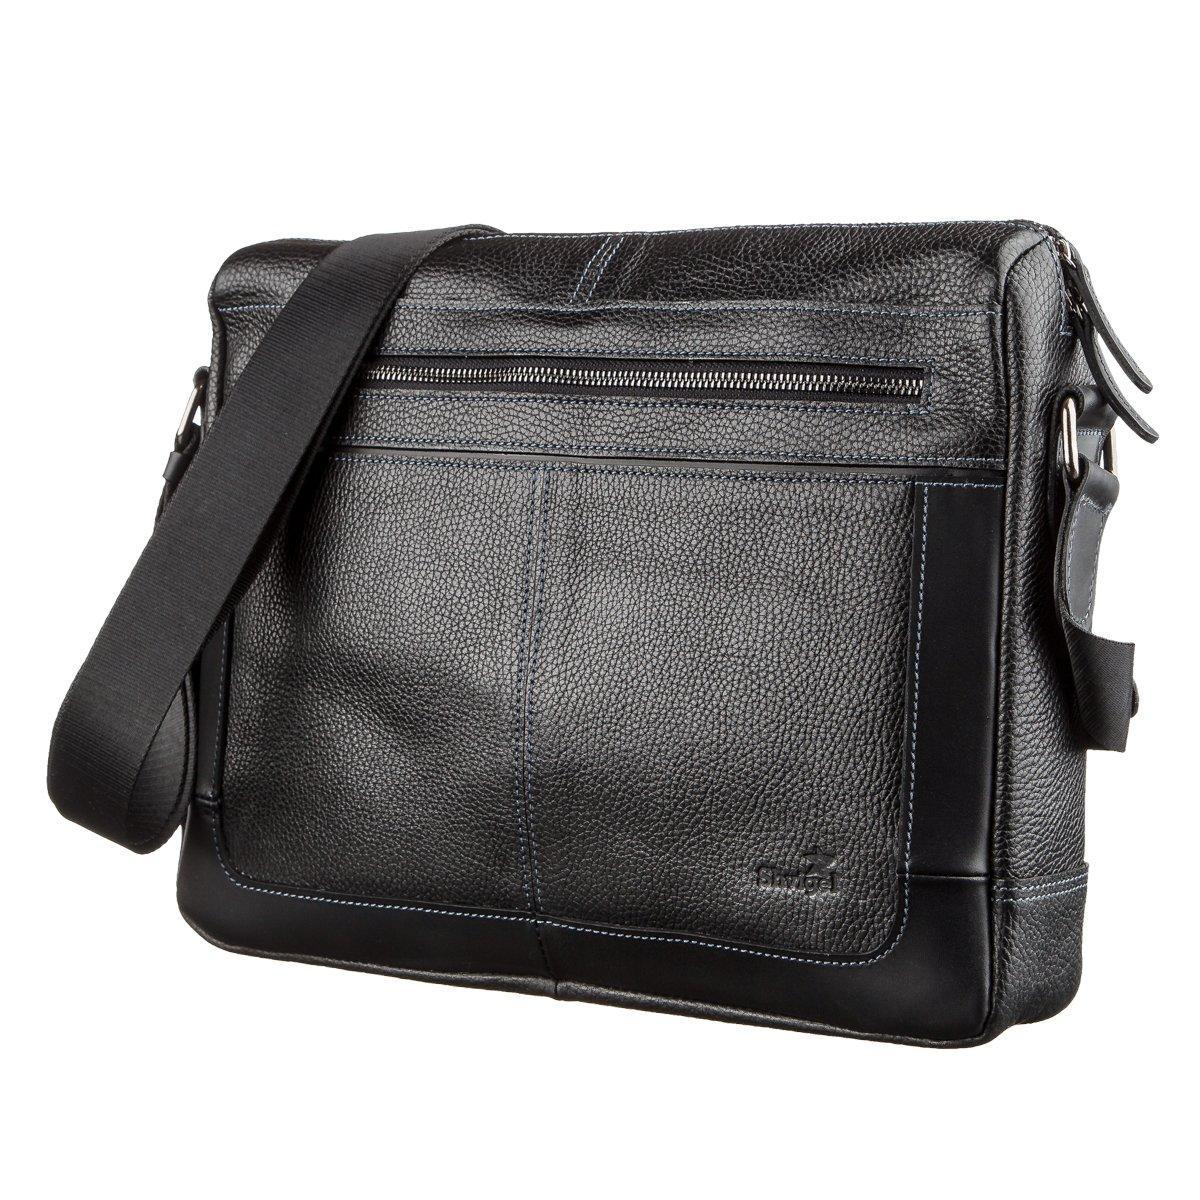 Ділова чоловіча сумка зі шкіри флотар на плече SHVIGEL 11244 Чорна